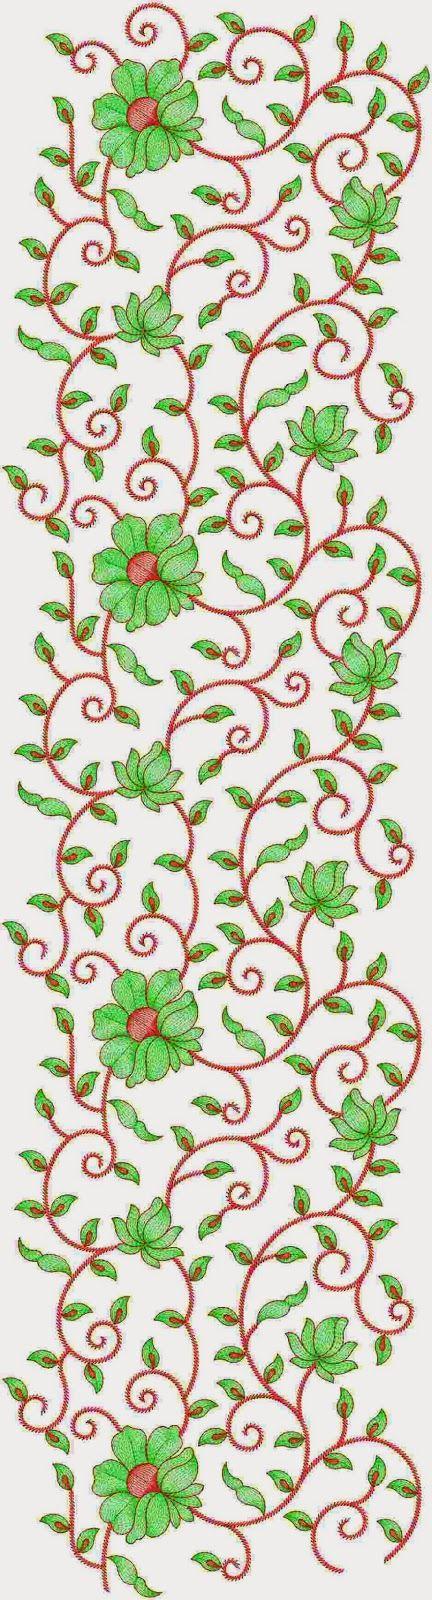 Groen en rooi kleur kombinasie borduurwerk Oral patroon